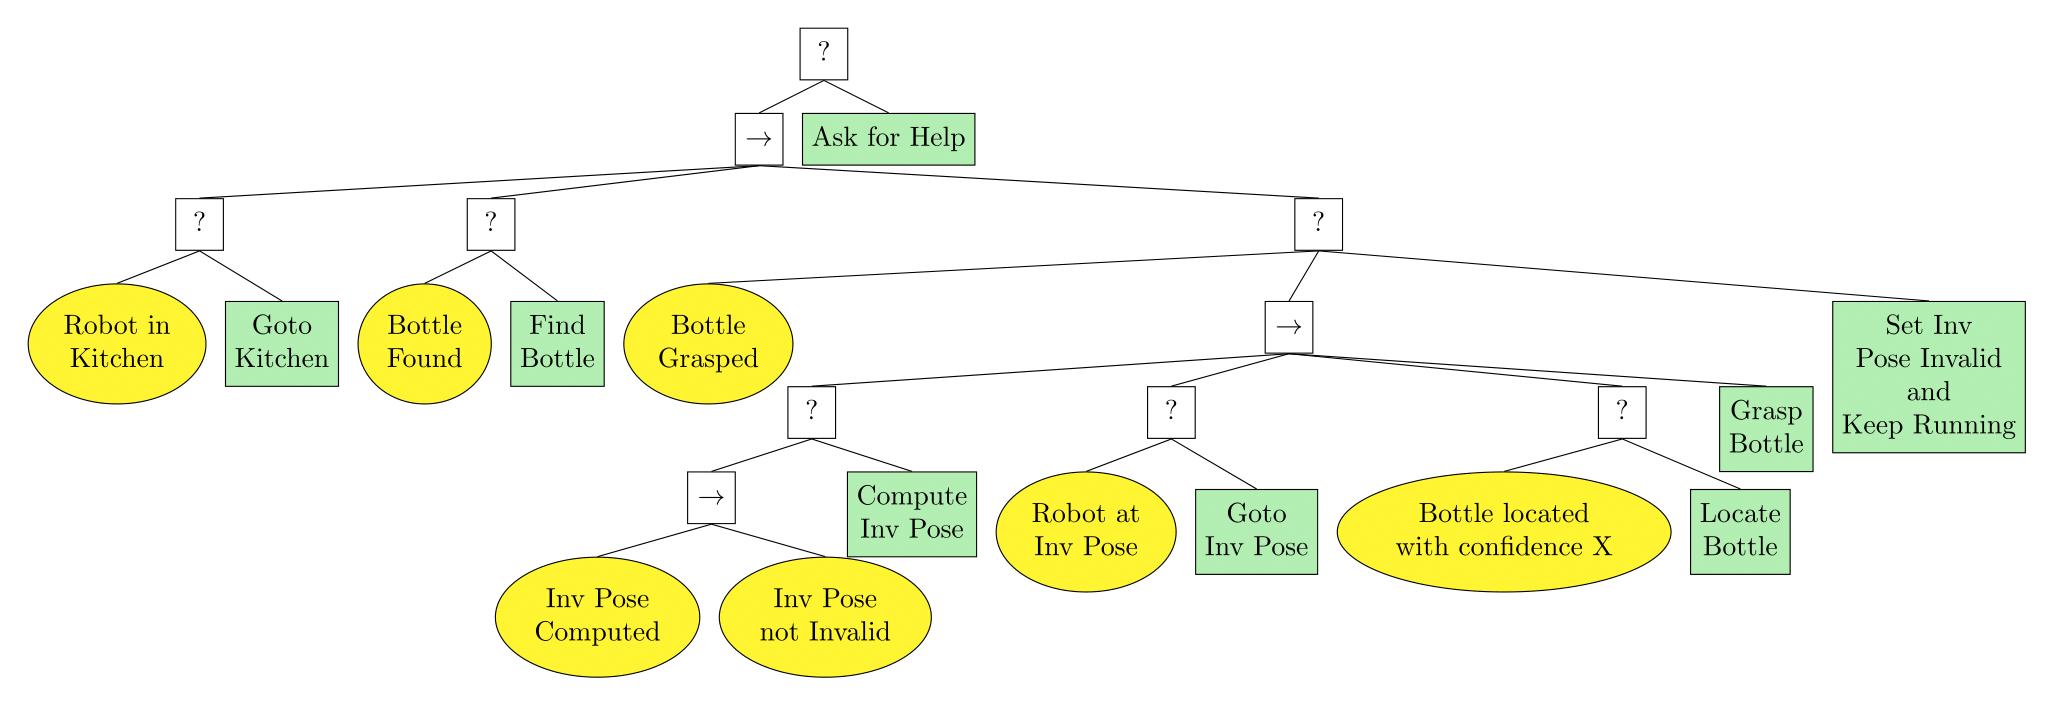 scenario1BT